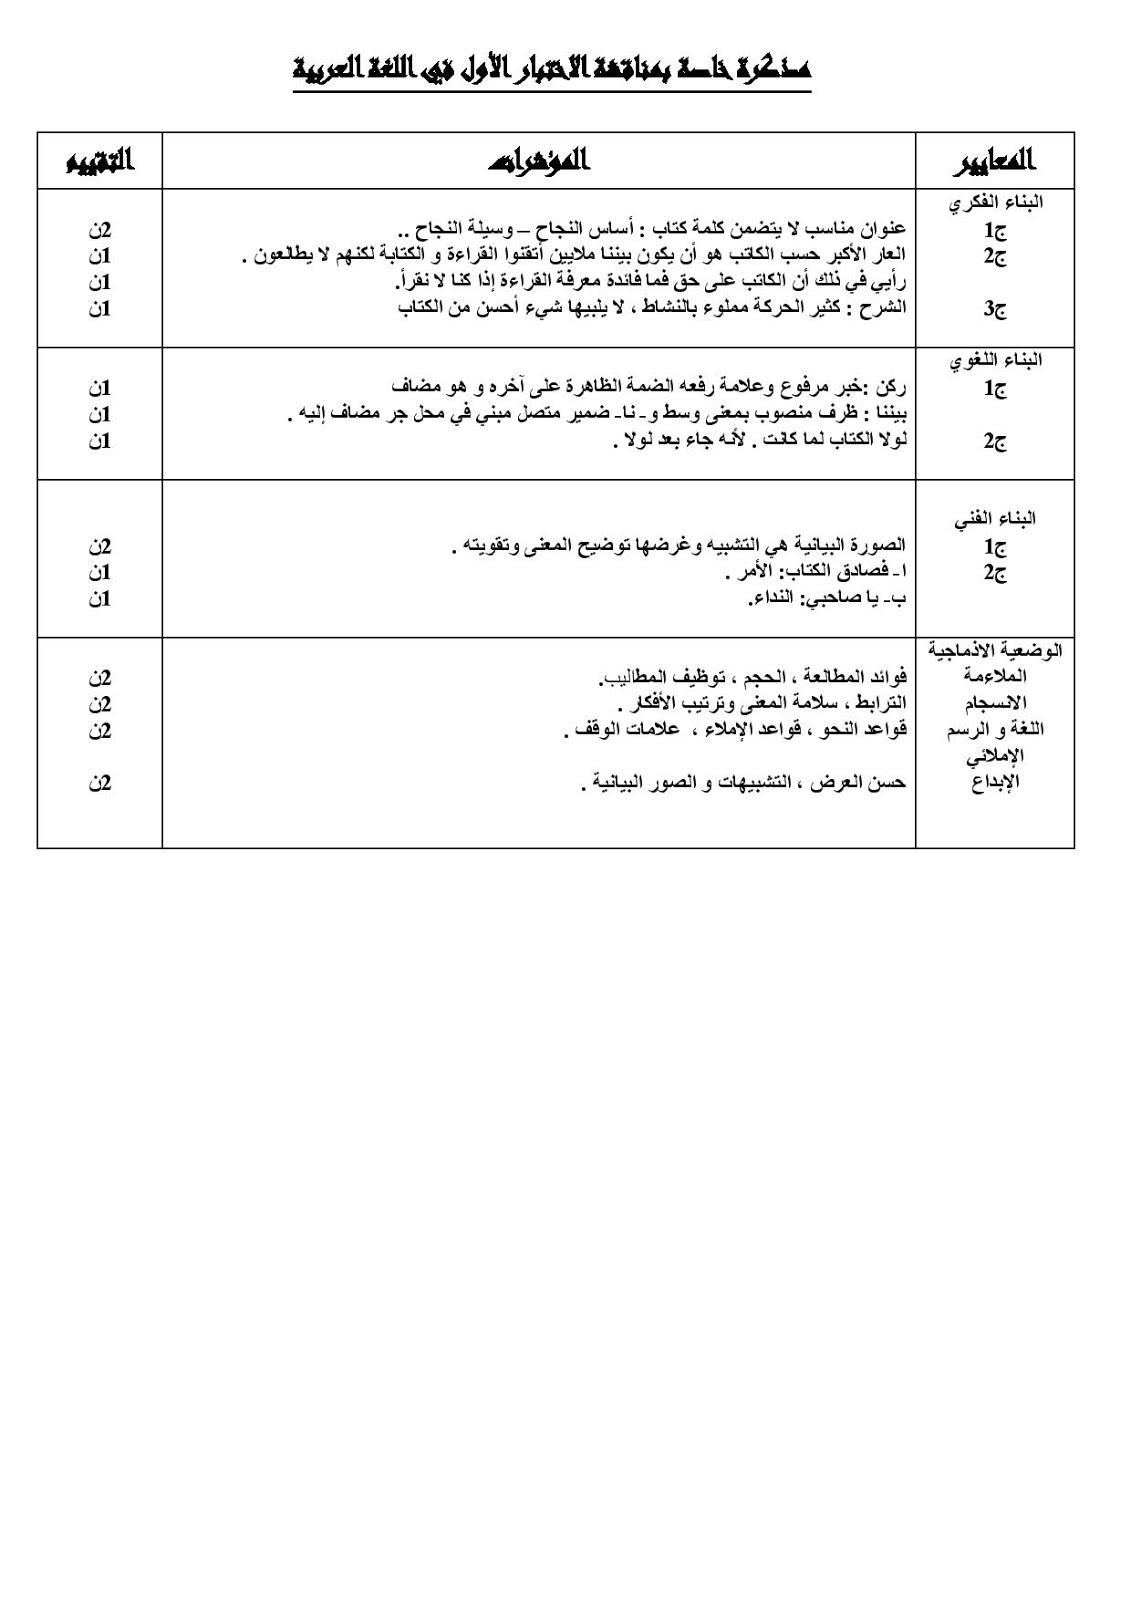 اختبار الفصل الاول في مادة العربية